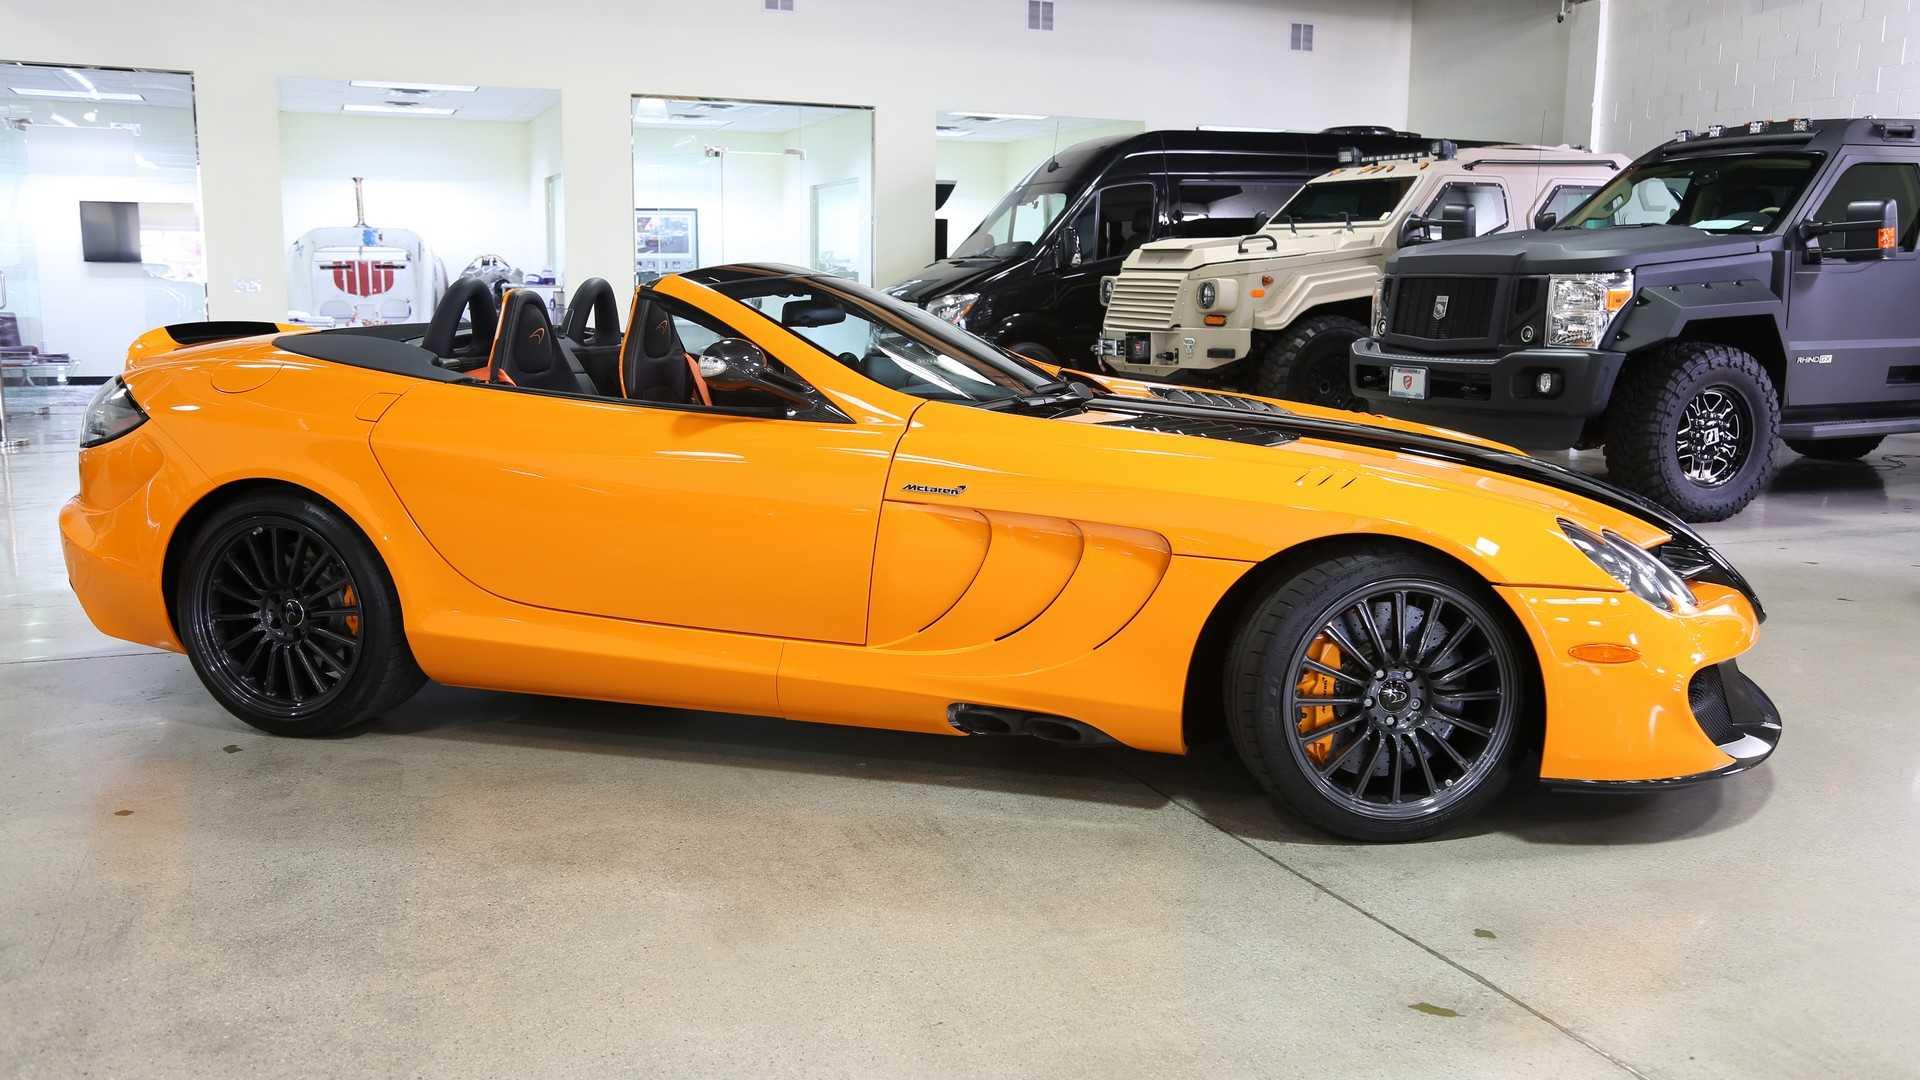 Mercedes-McLaren_SLR_722S_Roadster_McLaren_Edition_0008